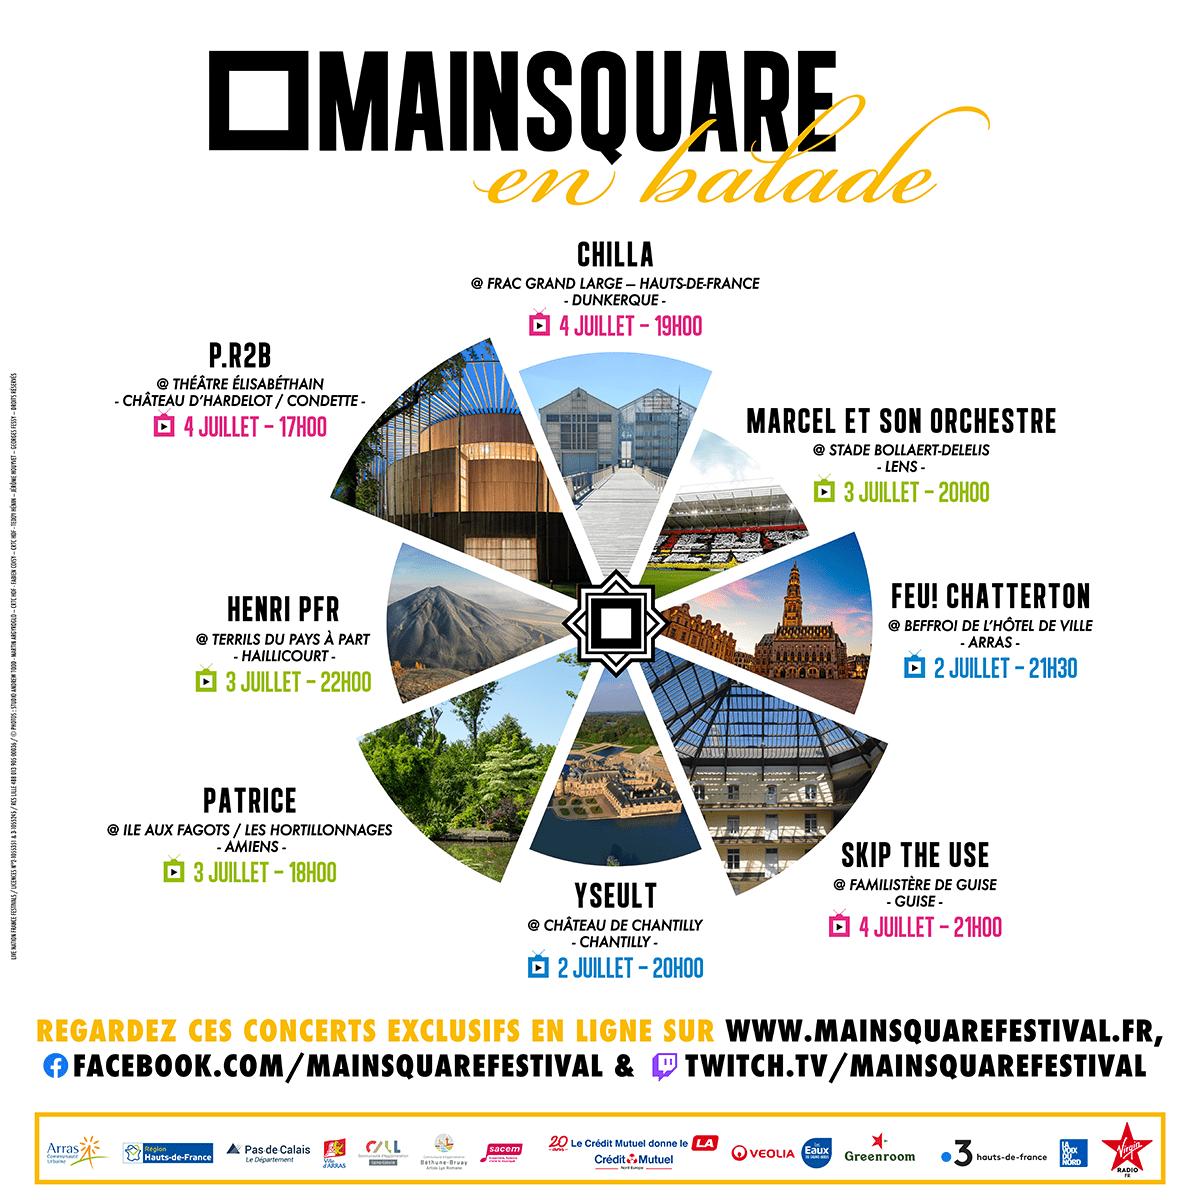 Main Square en balade arras